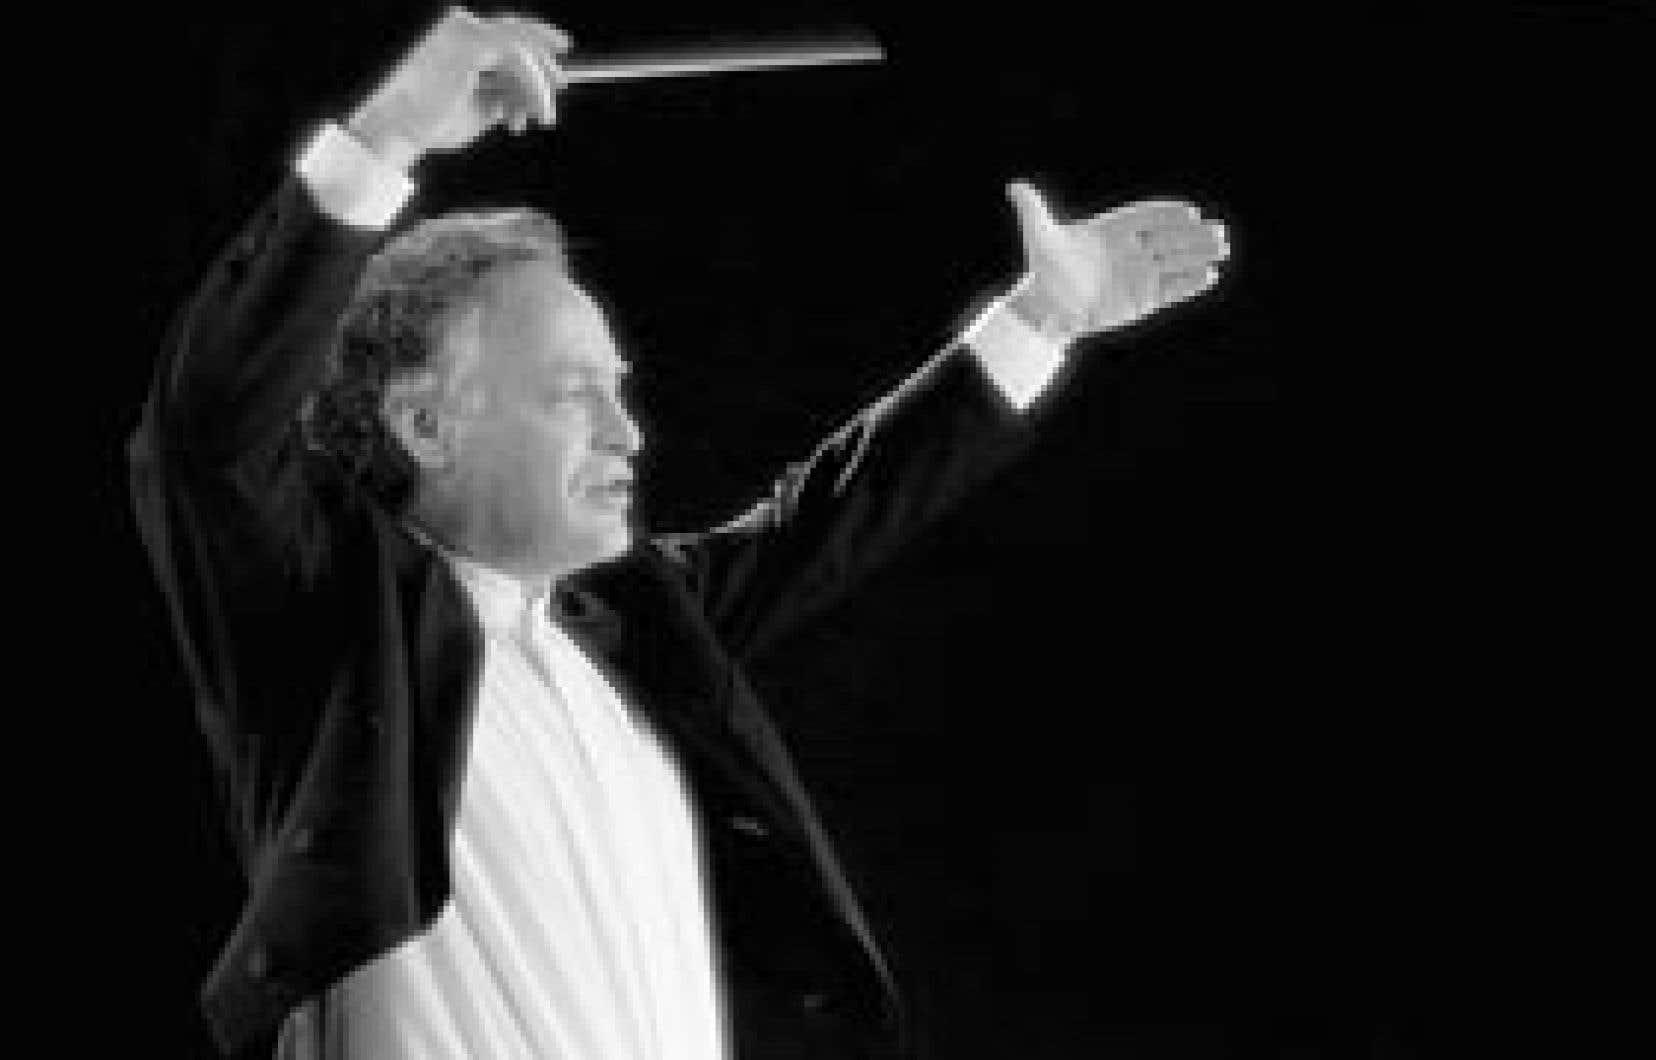 Yoav Talmi se présentera avec l'OSQ le 11 juillet pour la 1re Suite du Tricorne, de Manuel de Falla, le Concerto d'Aranjuez, de Rodrigo, et la Symphonie écossaise, de Mendelssohn.